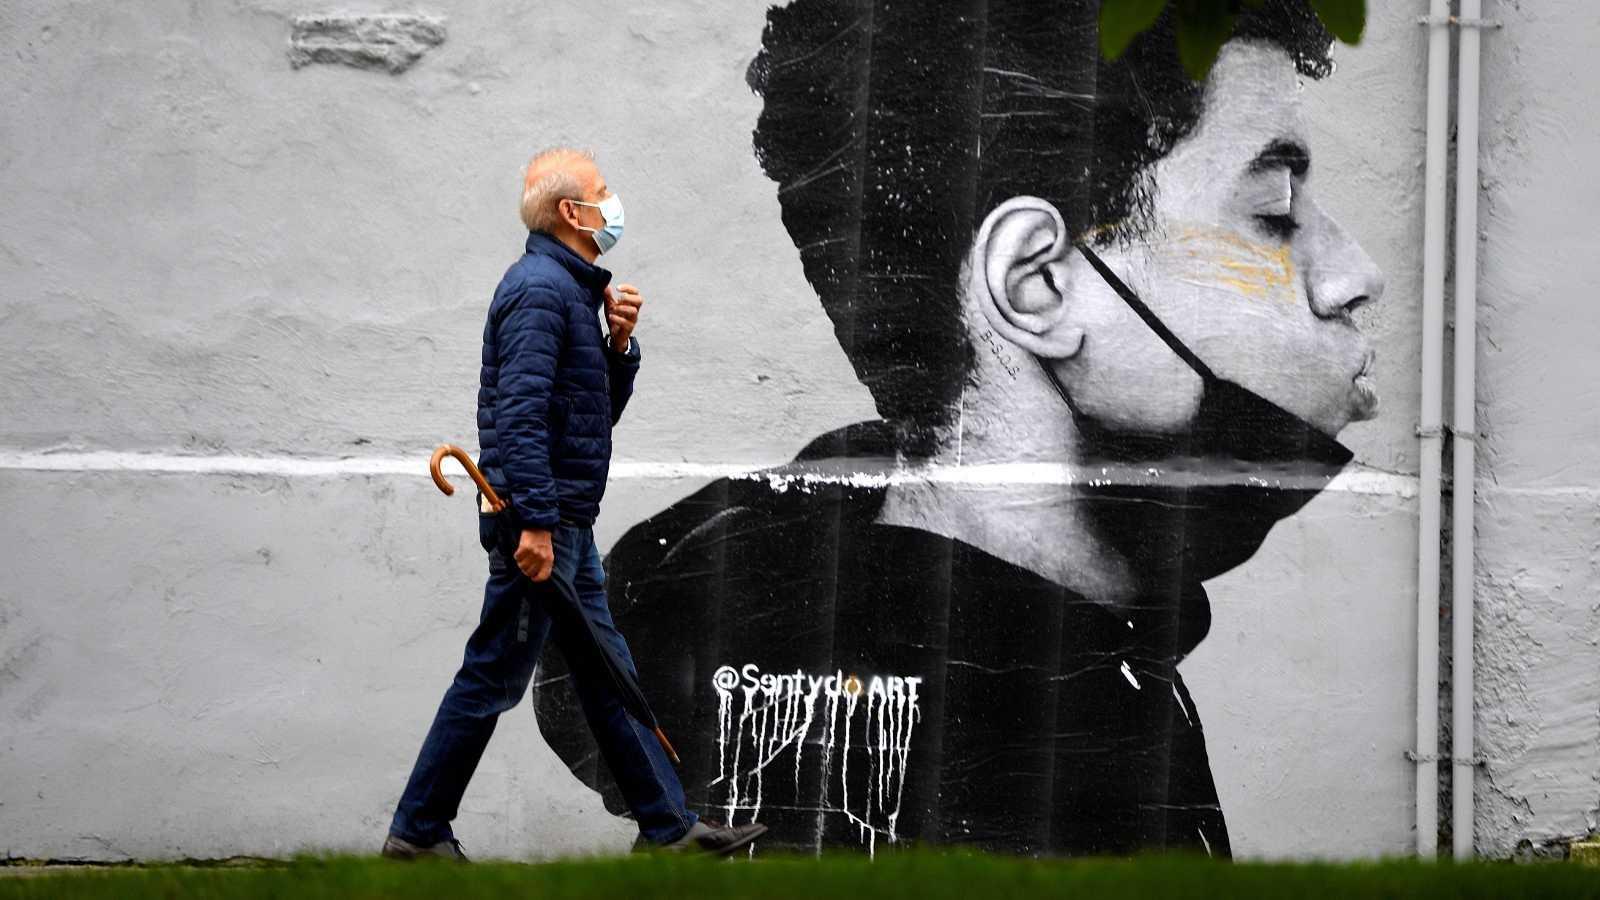 Un hombre con mascarilla camina delante de una obra del artista @Sentydo ART en Oviedo